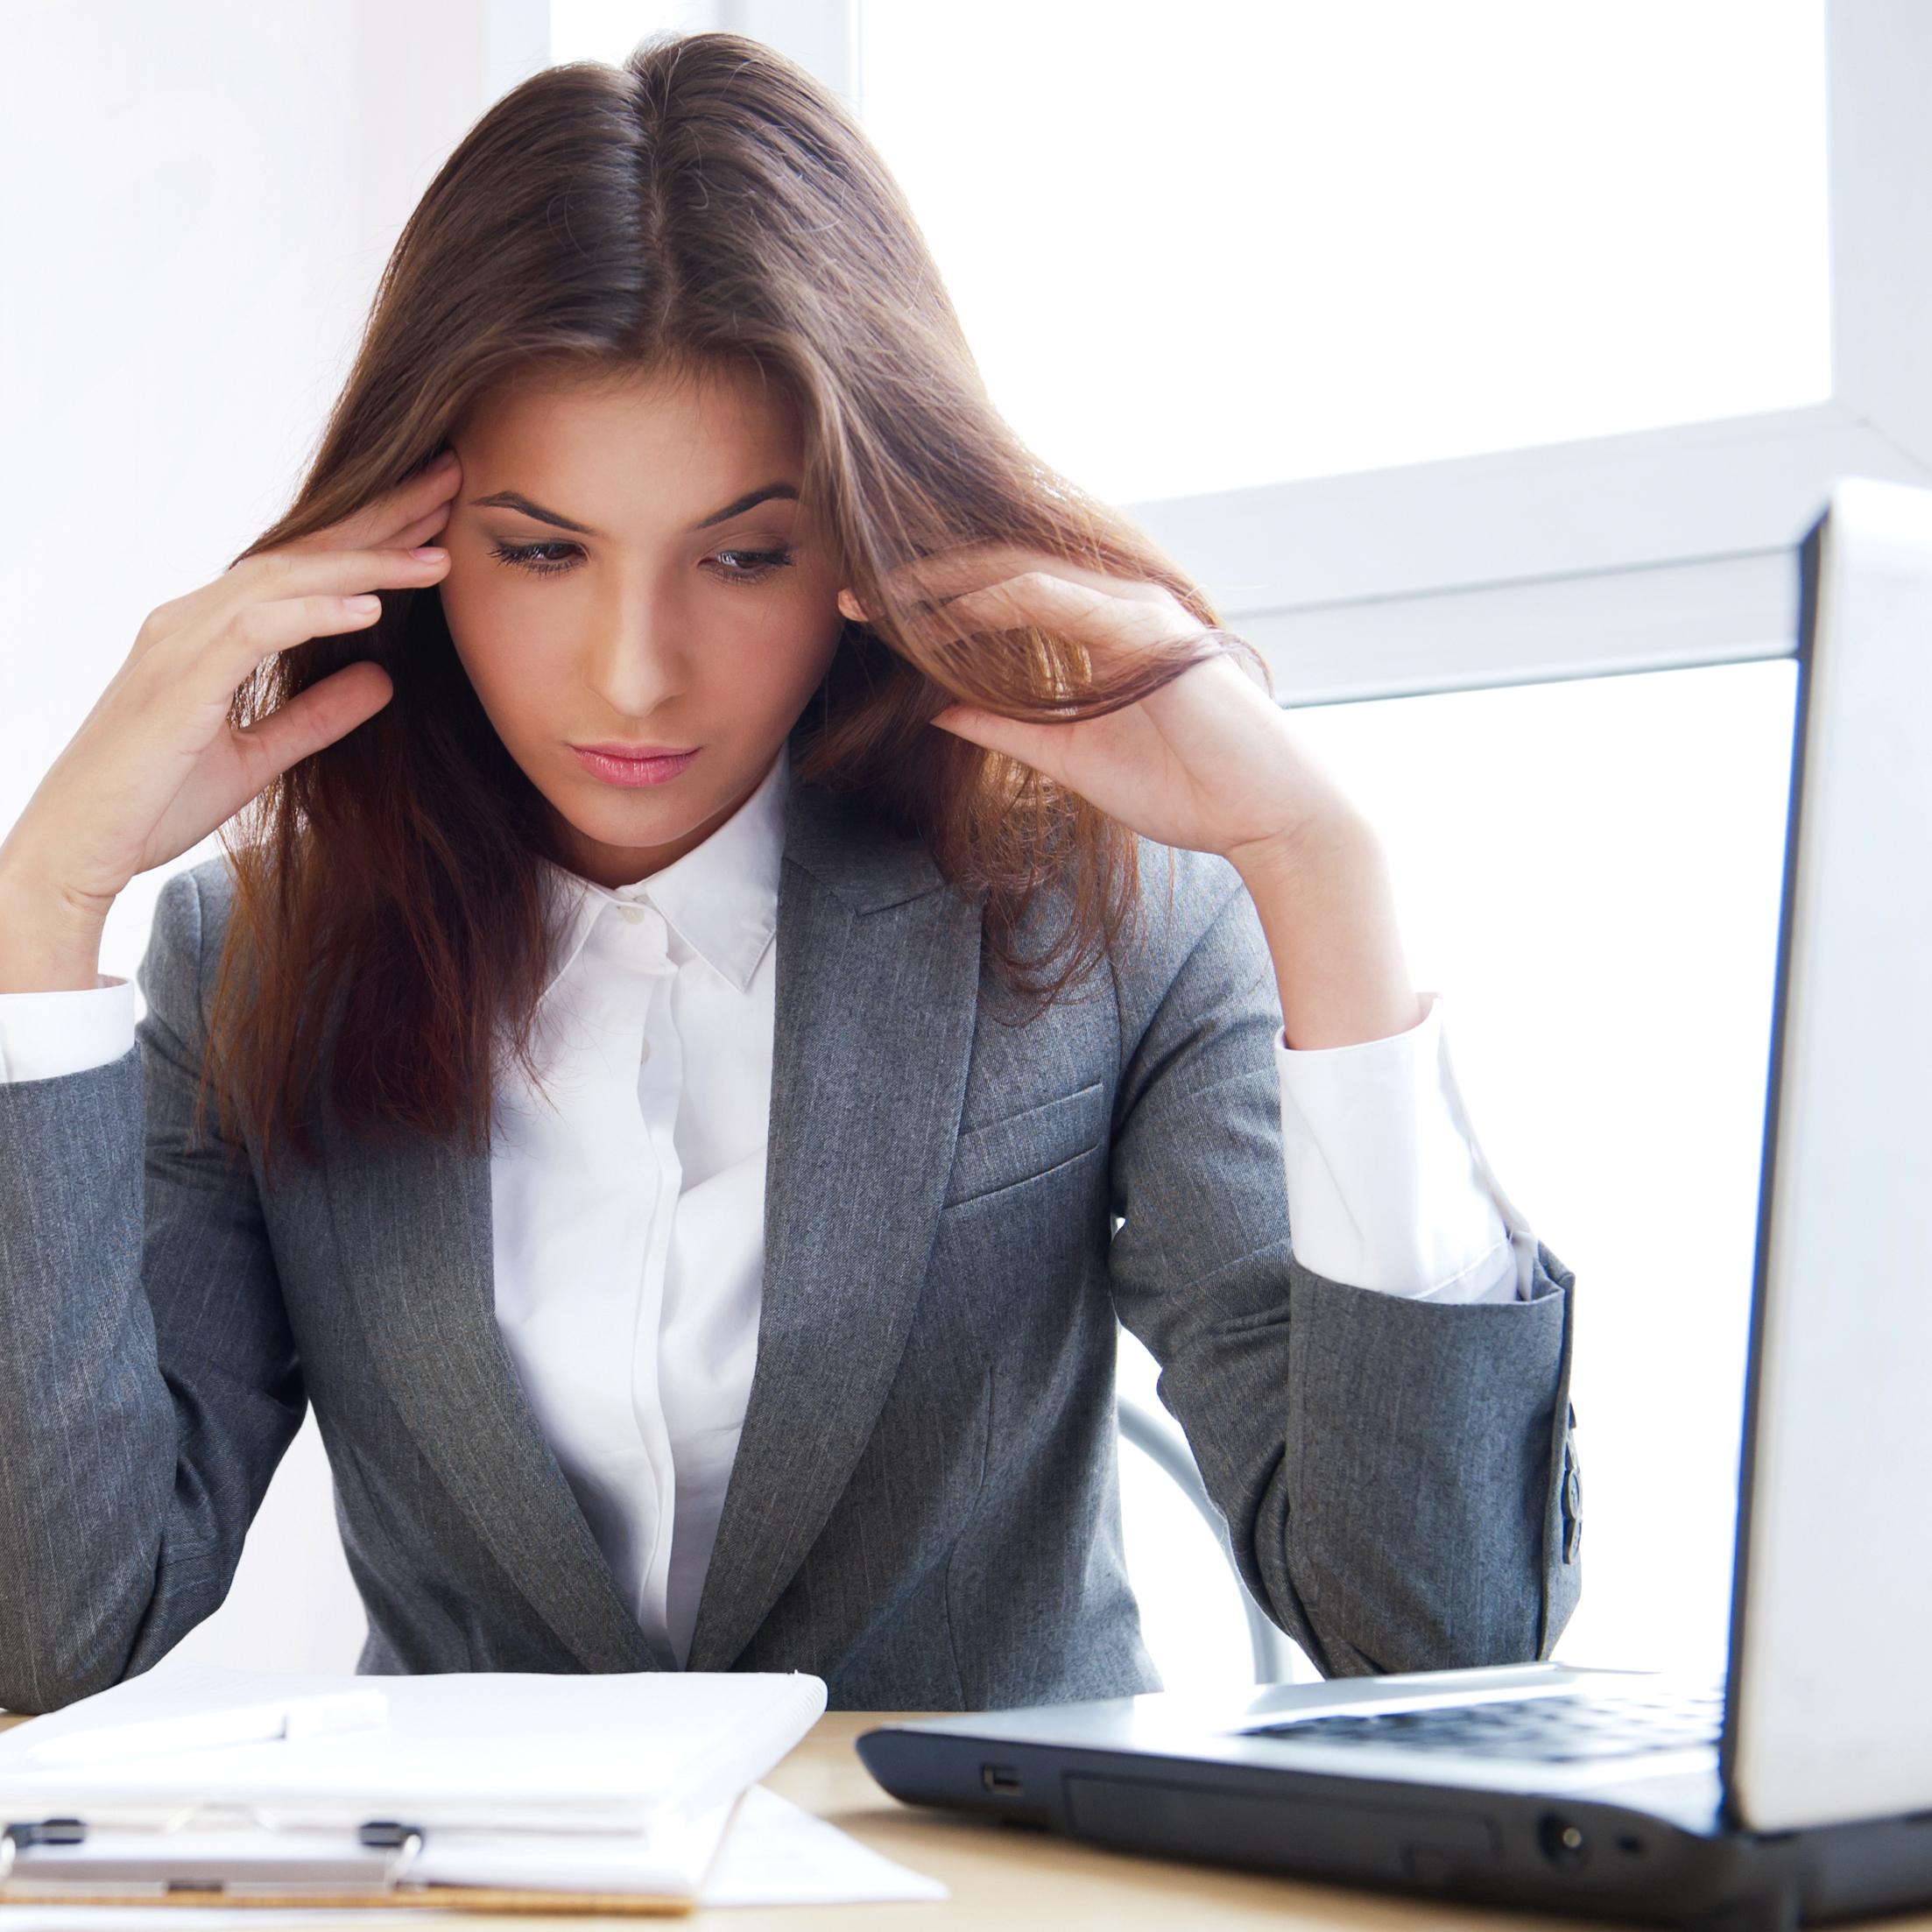 לא להתייאש. איך מוצאים עבודה אחרי התואר? (צילום: shutterstock)